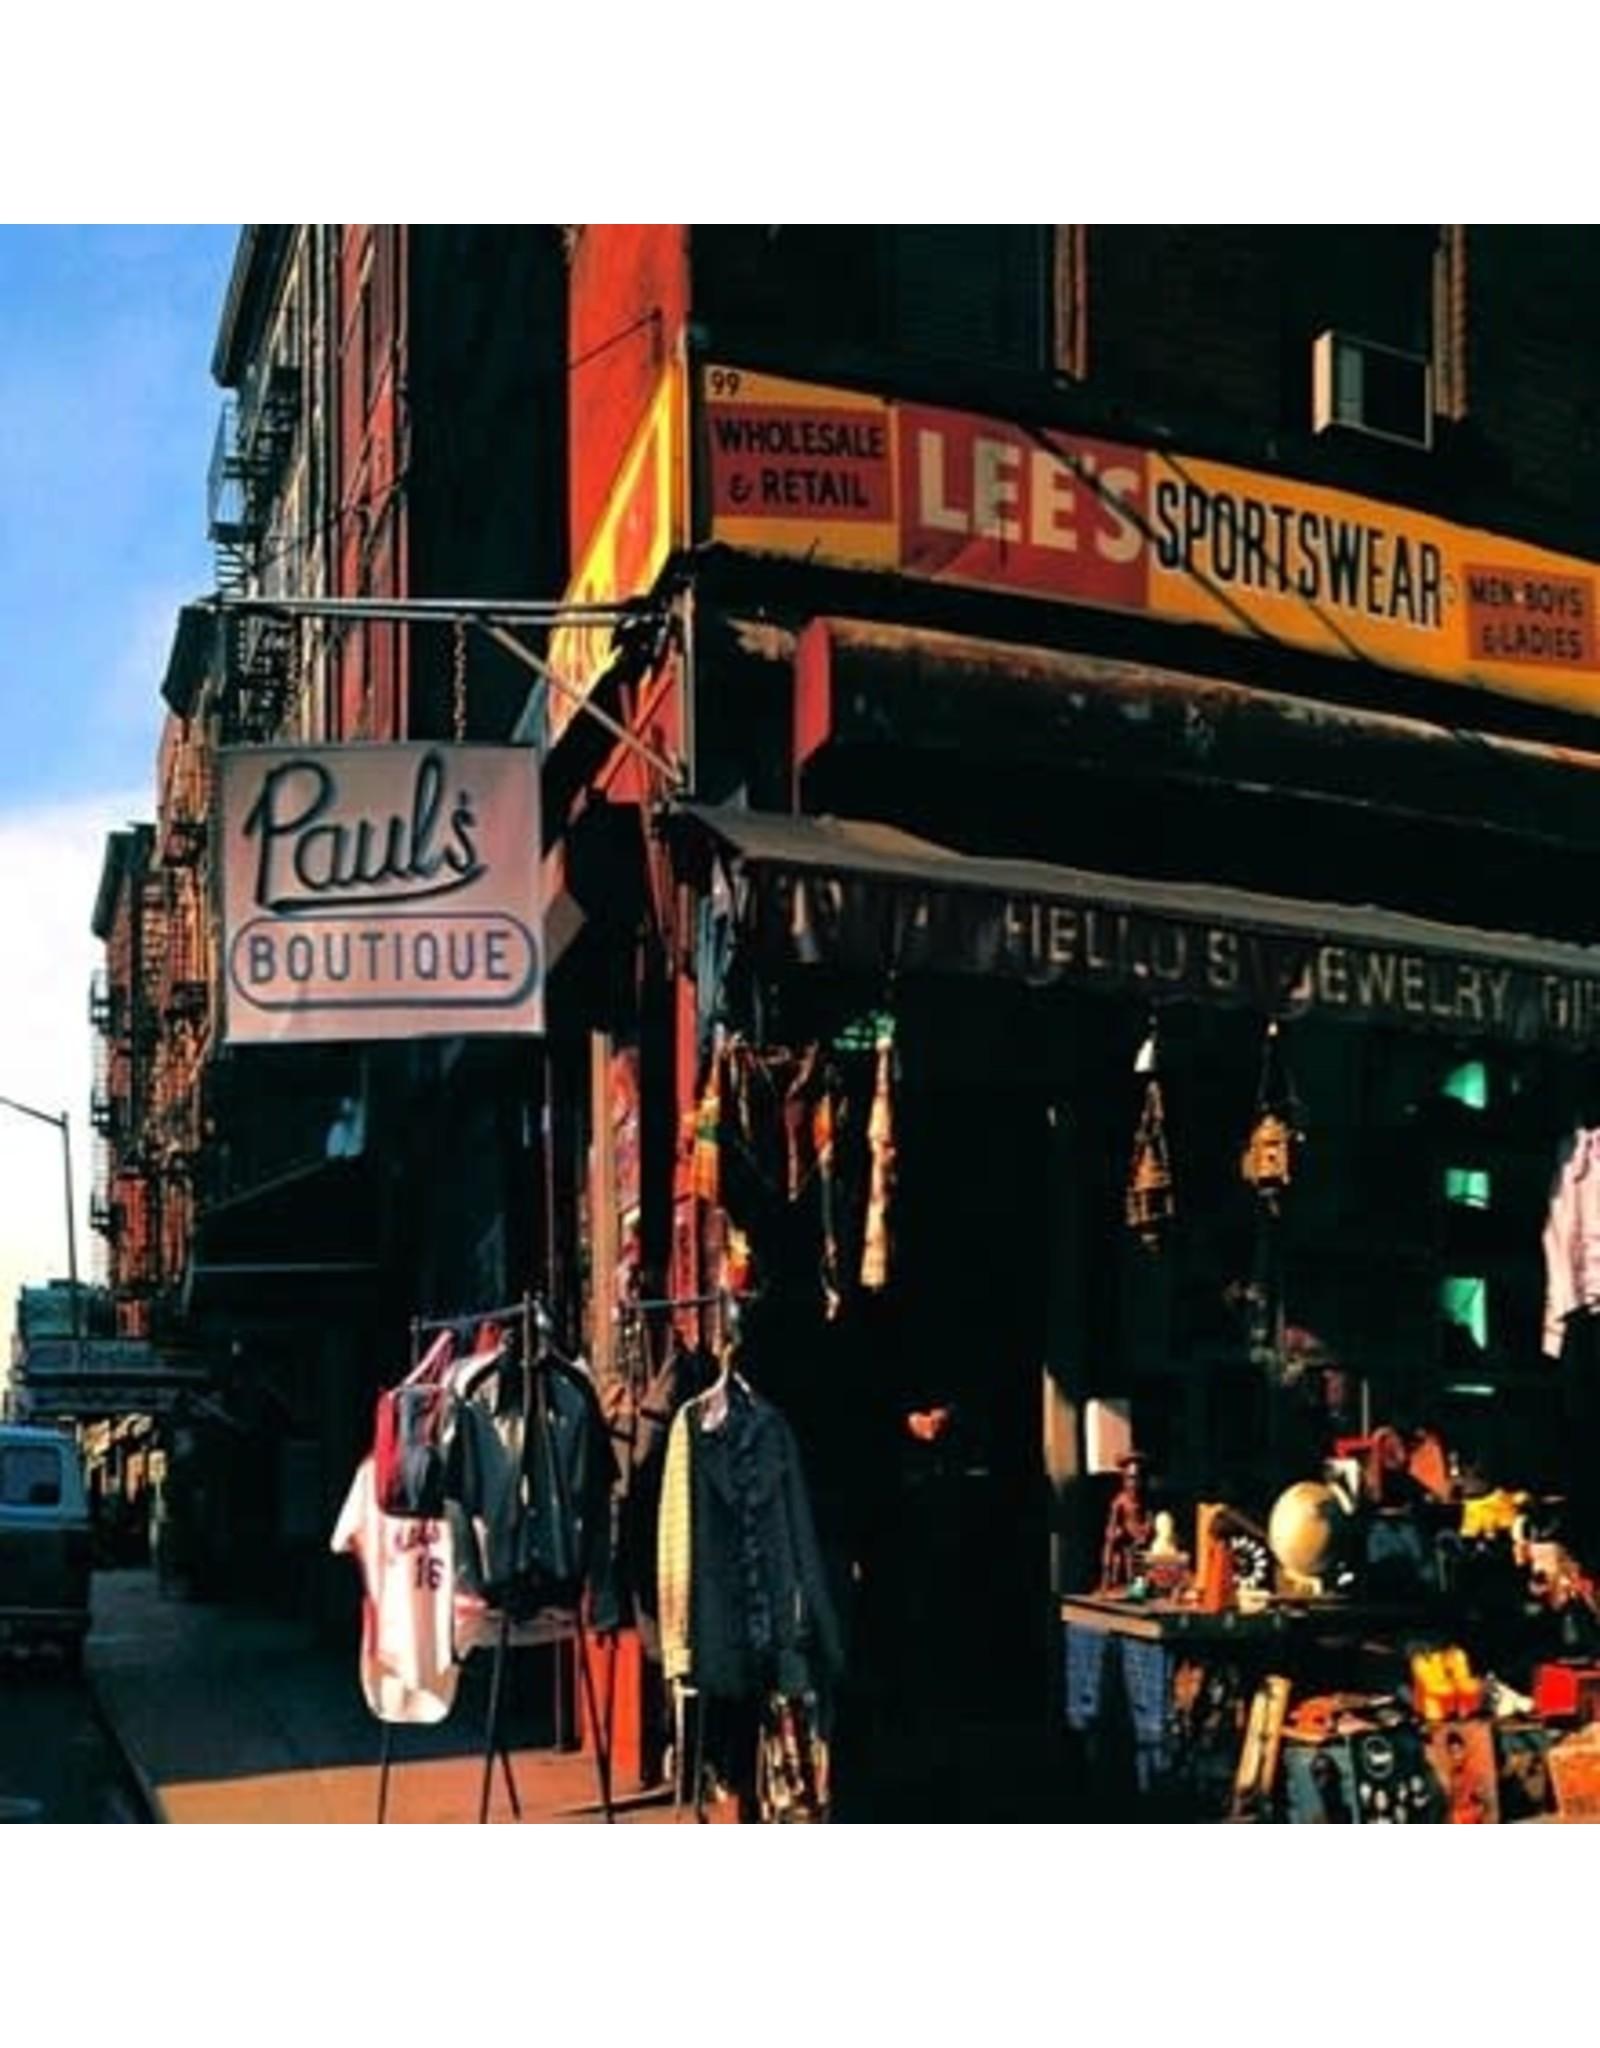 Capitol Beastie Boys: Paul's Boutique LP